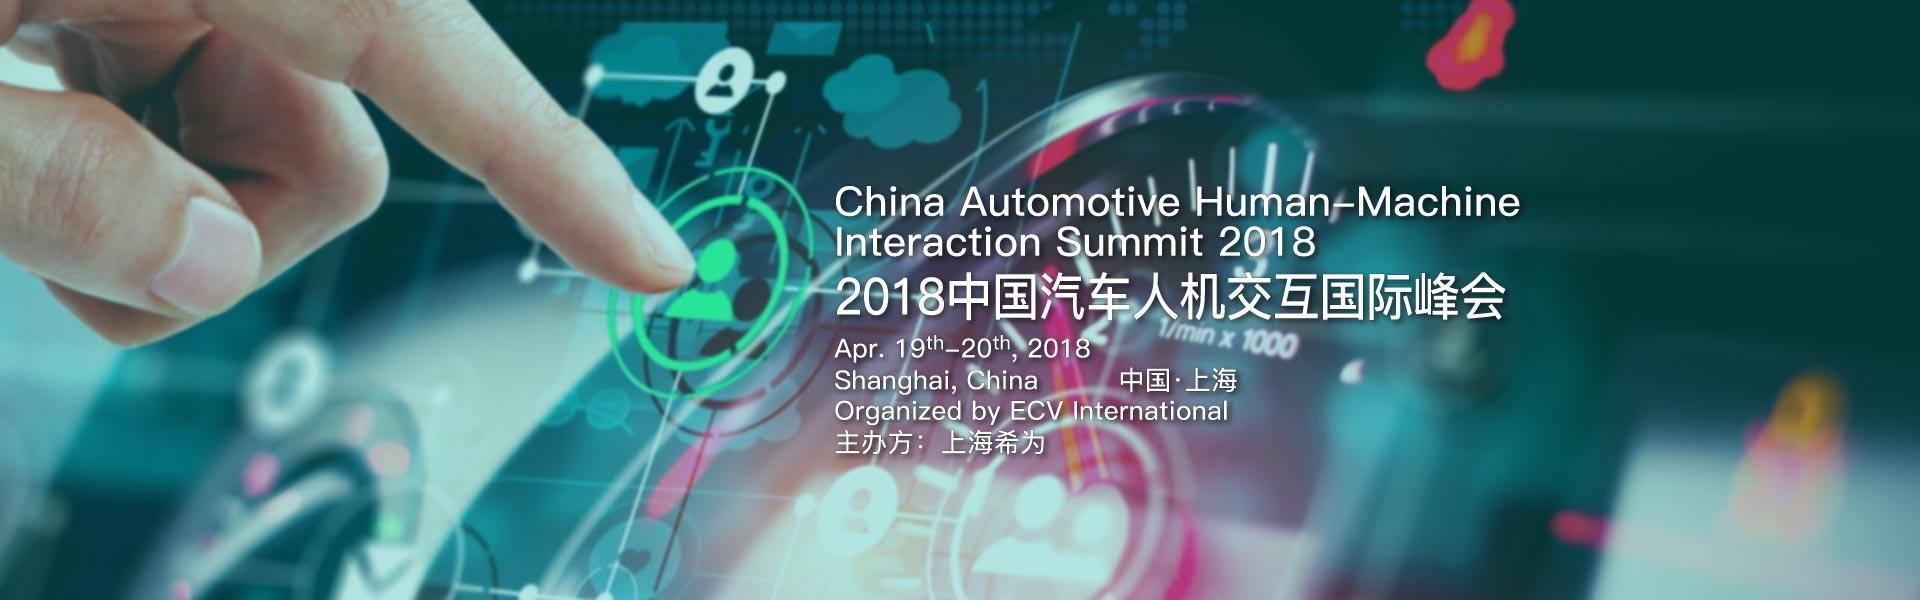 China Automotive Human - Machine Interaction Summit 2018